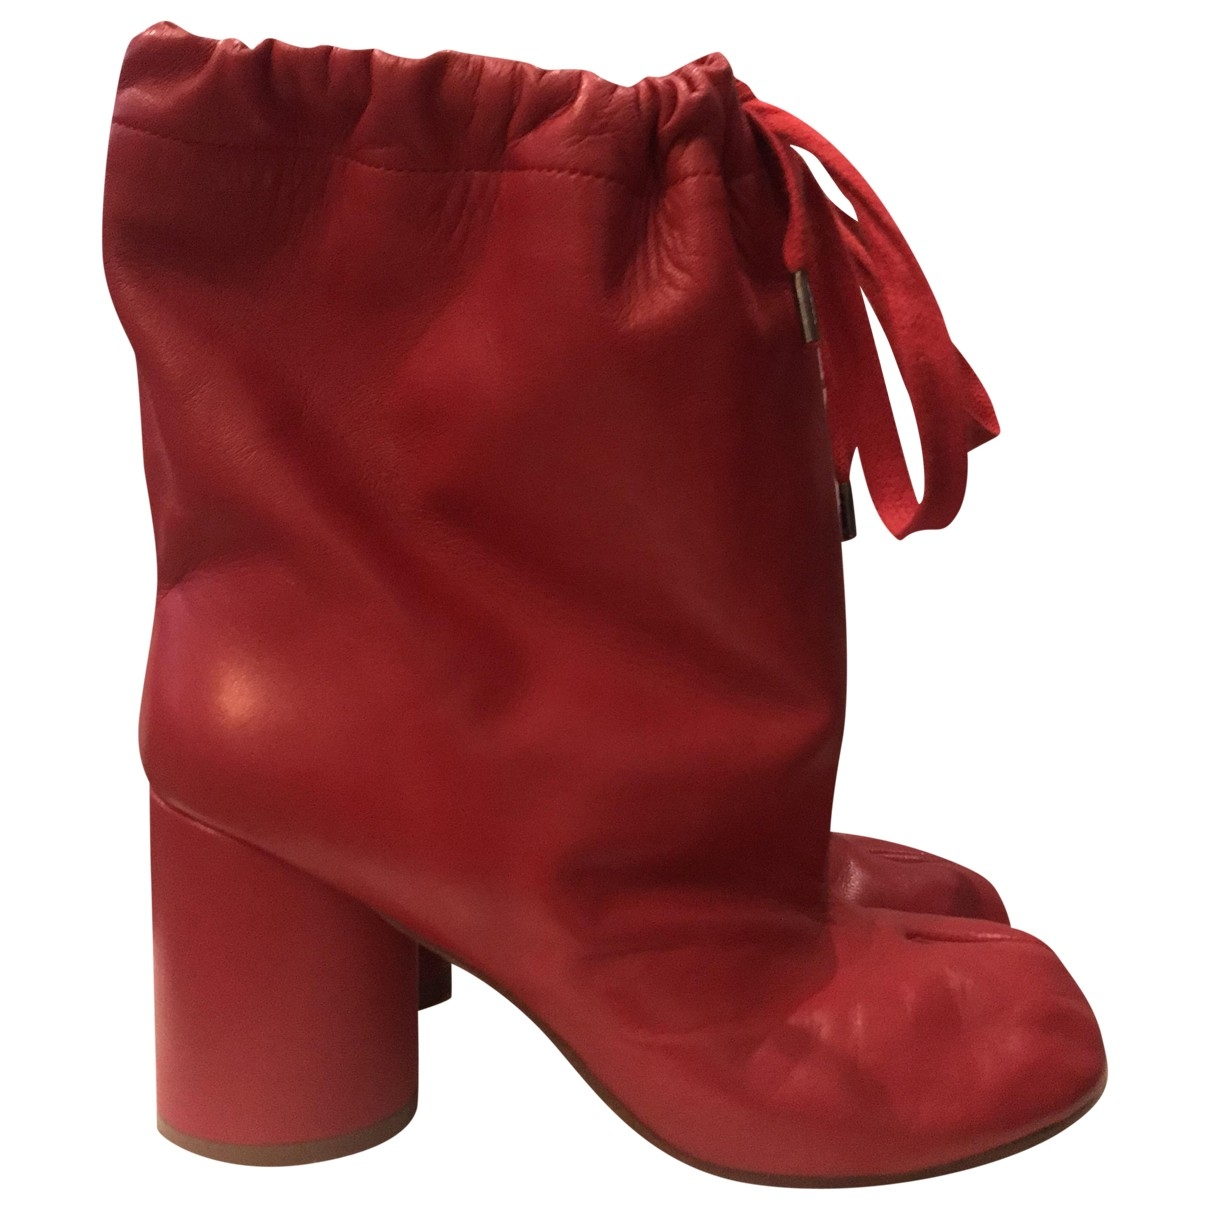 Maison Martin Margiela - Boots Tabi pour femme en cuir - rouge